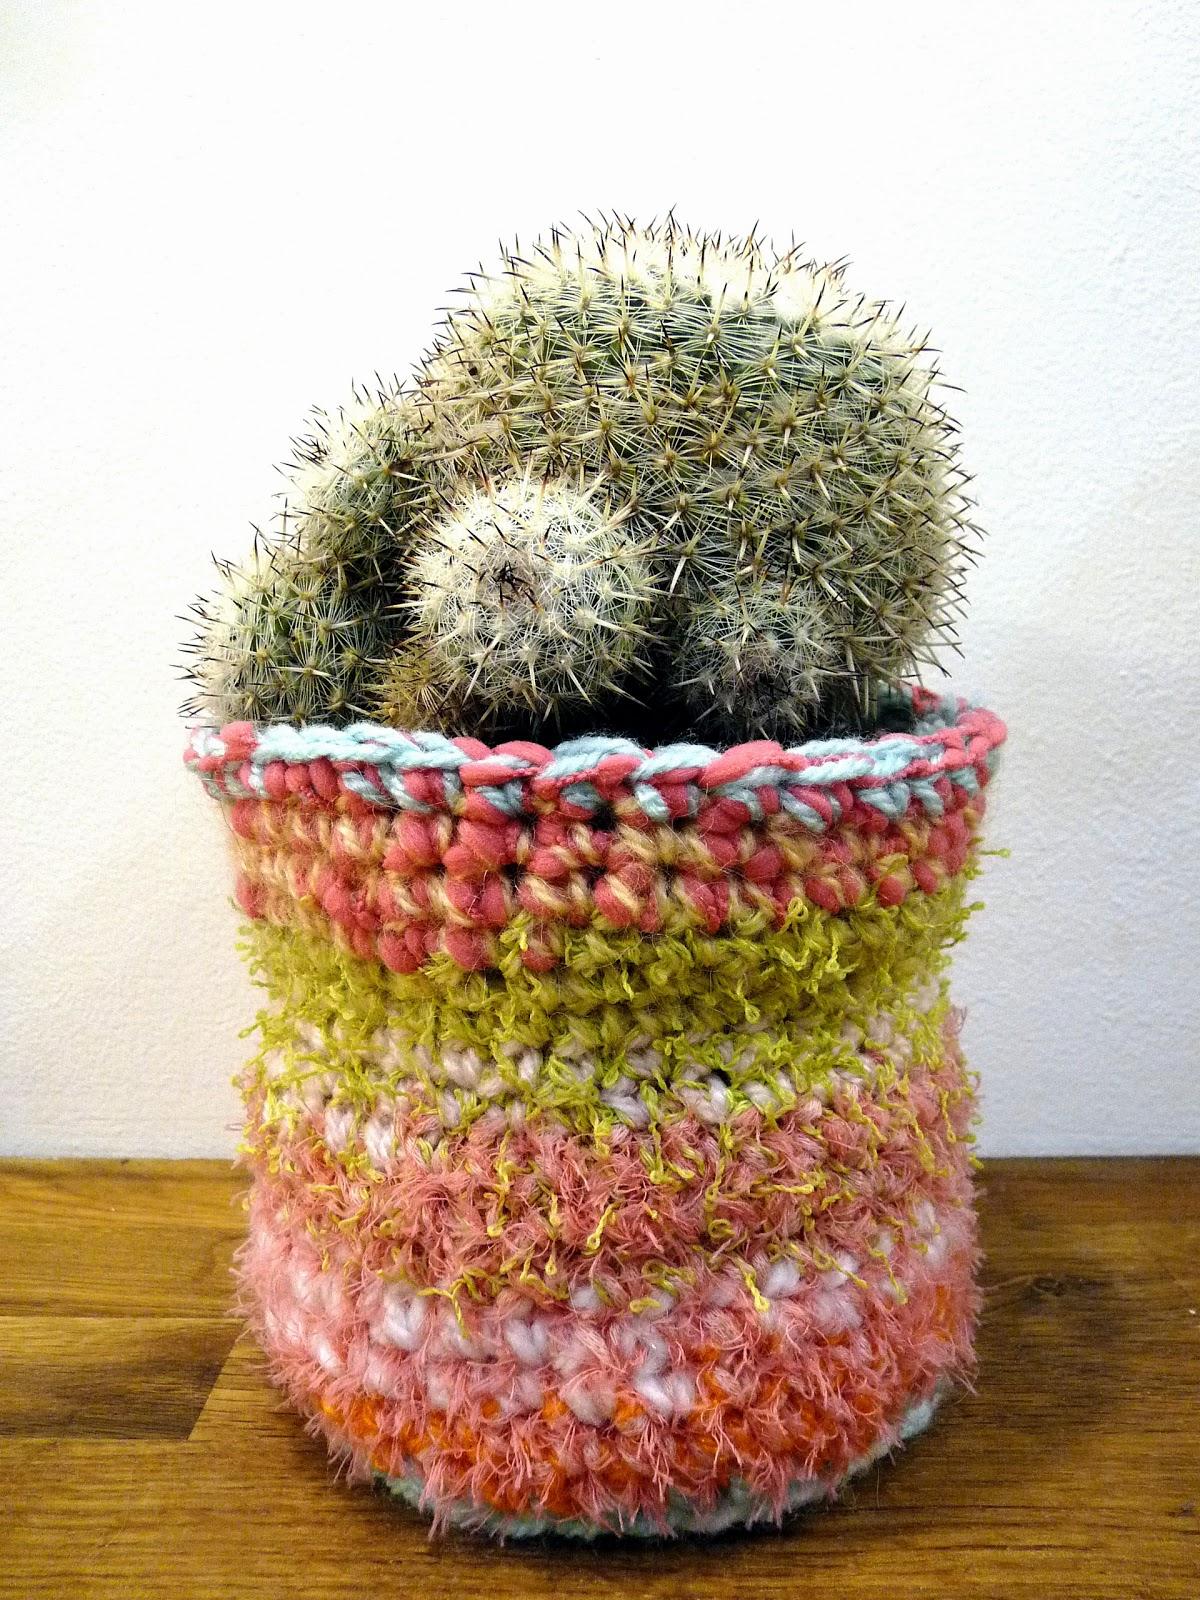 rue rivoirette diy un cache pot pour mon cactus. Black Bedroom Furniture Sets. Home Design Ideas